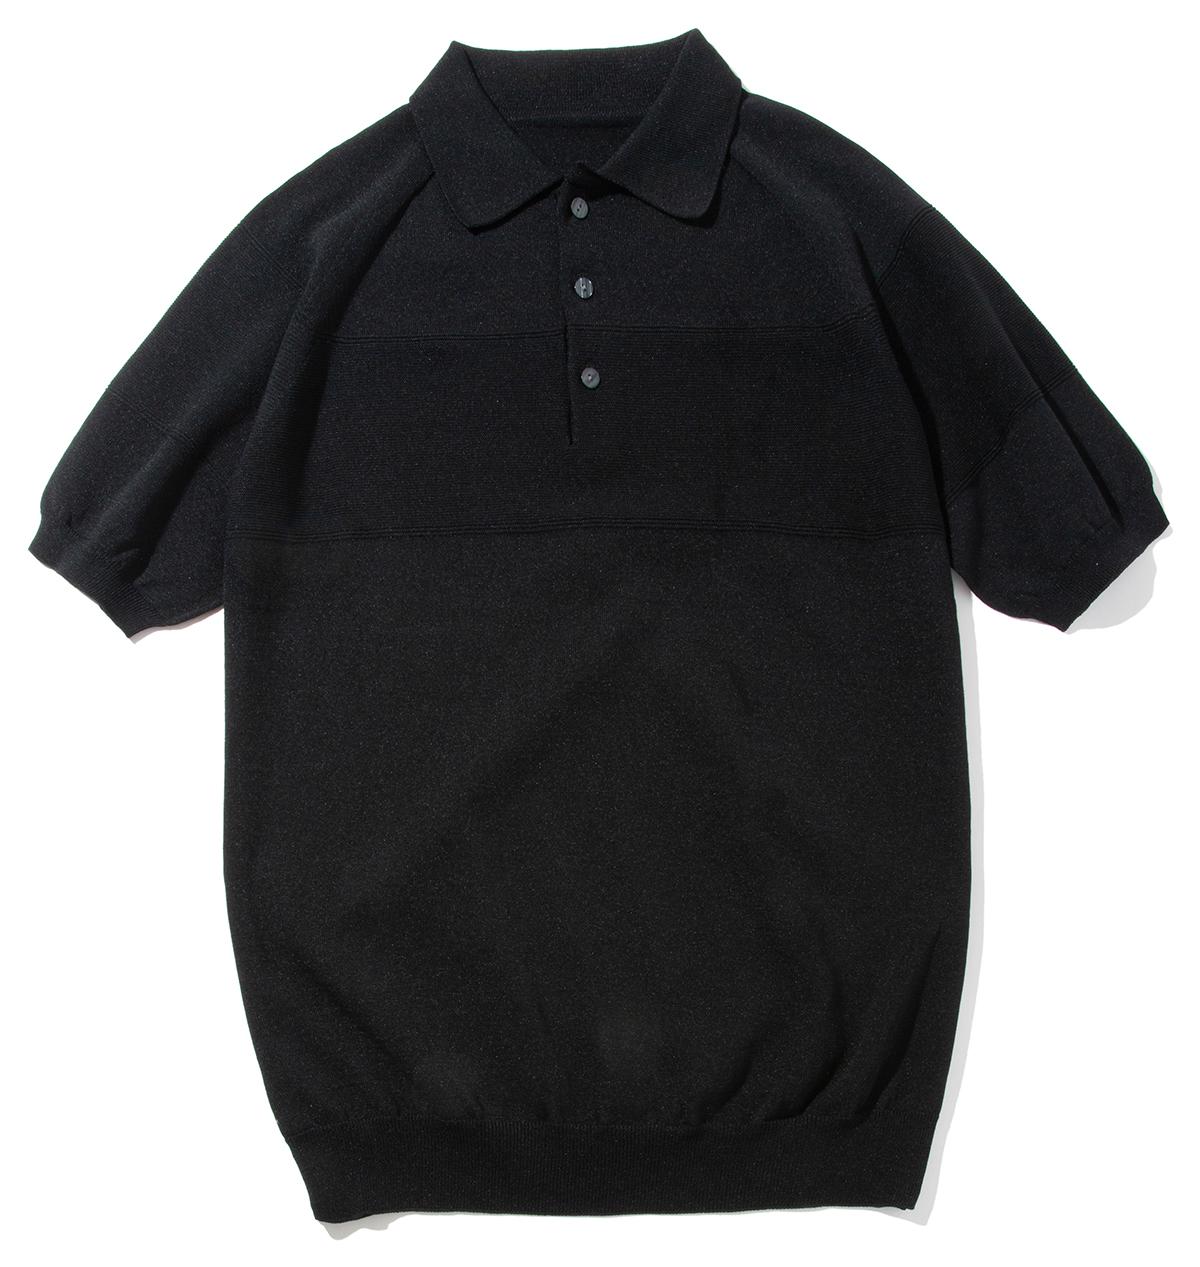 胸周りが透けにくいので、1枚で着ても気にならない。汗でベタつかない、匂わない、綿より軽い!三拍子揃った「ニットポロシャツ」|伊予和紙ポロシャツ